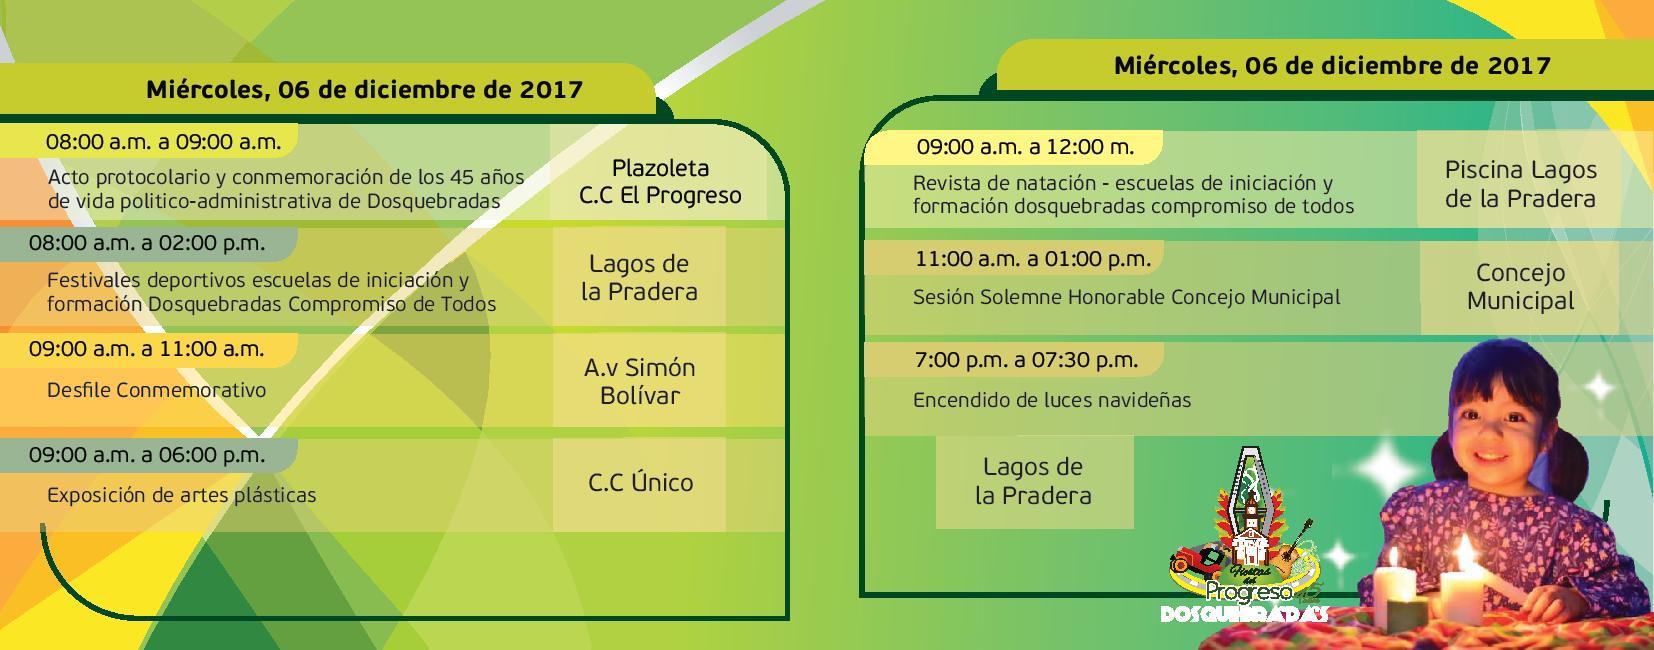 Programación fiestas del Progreso-page-011